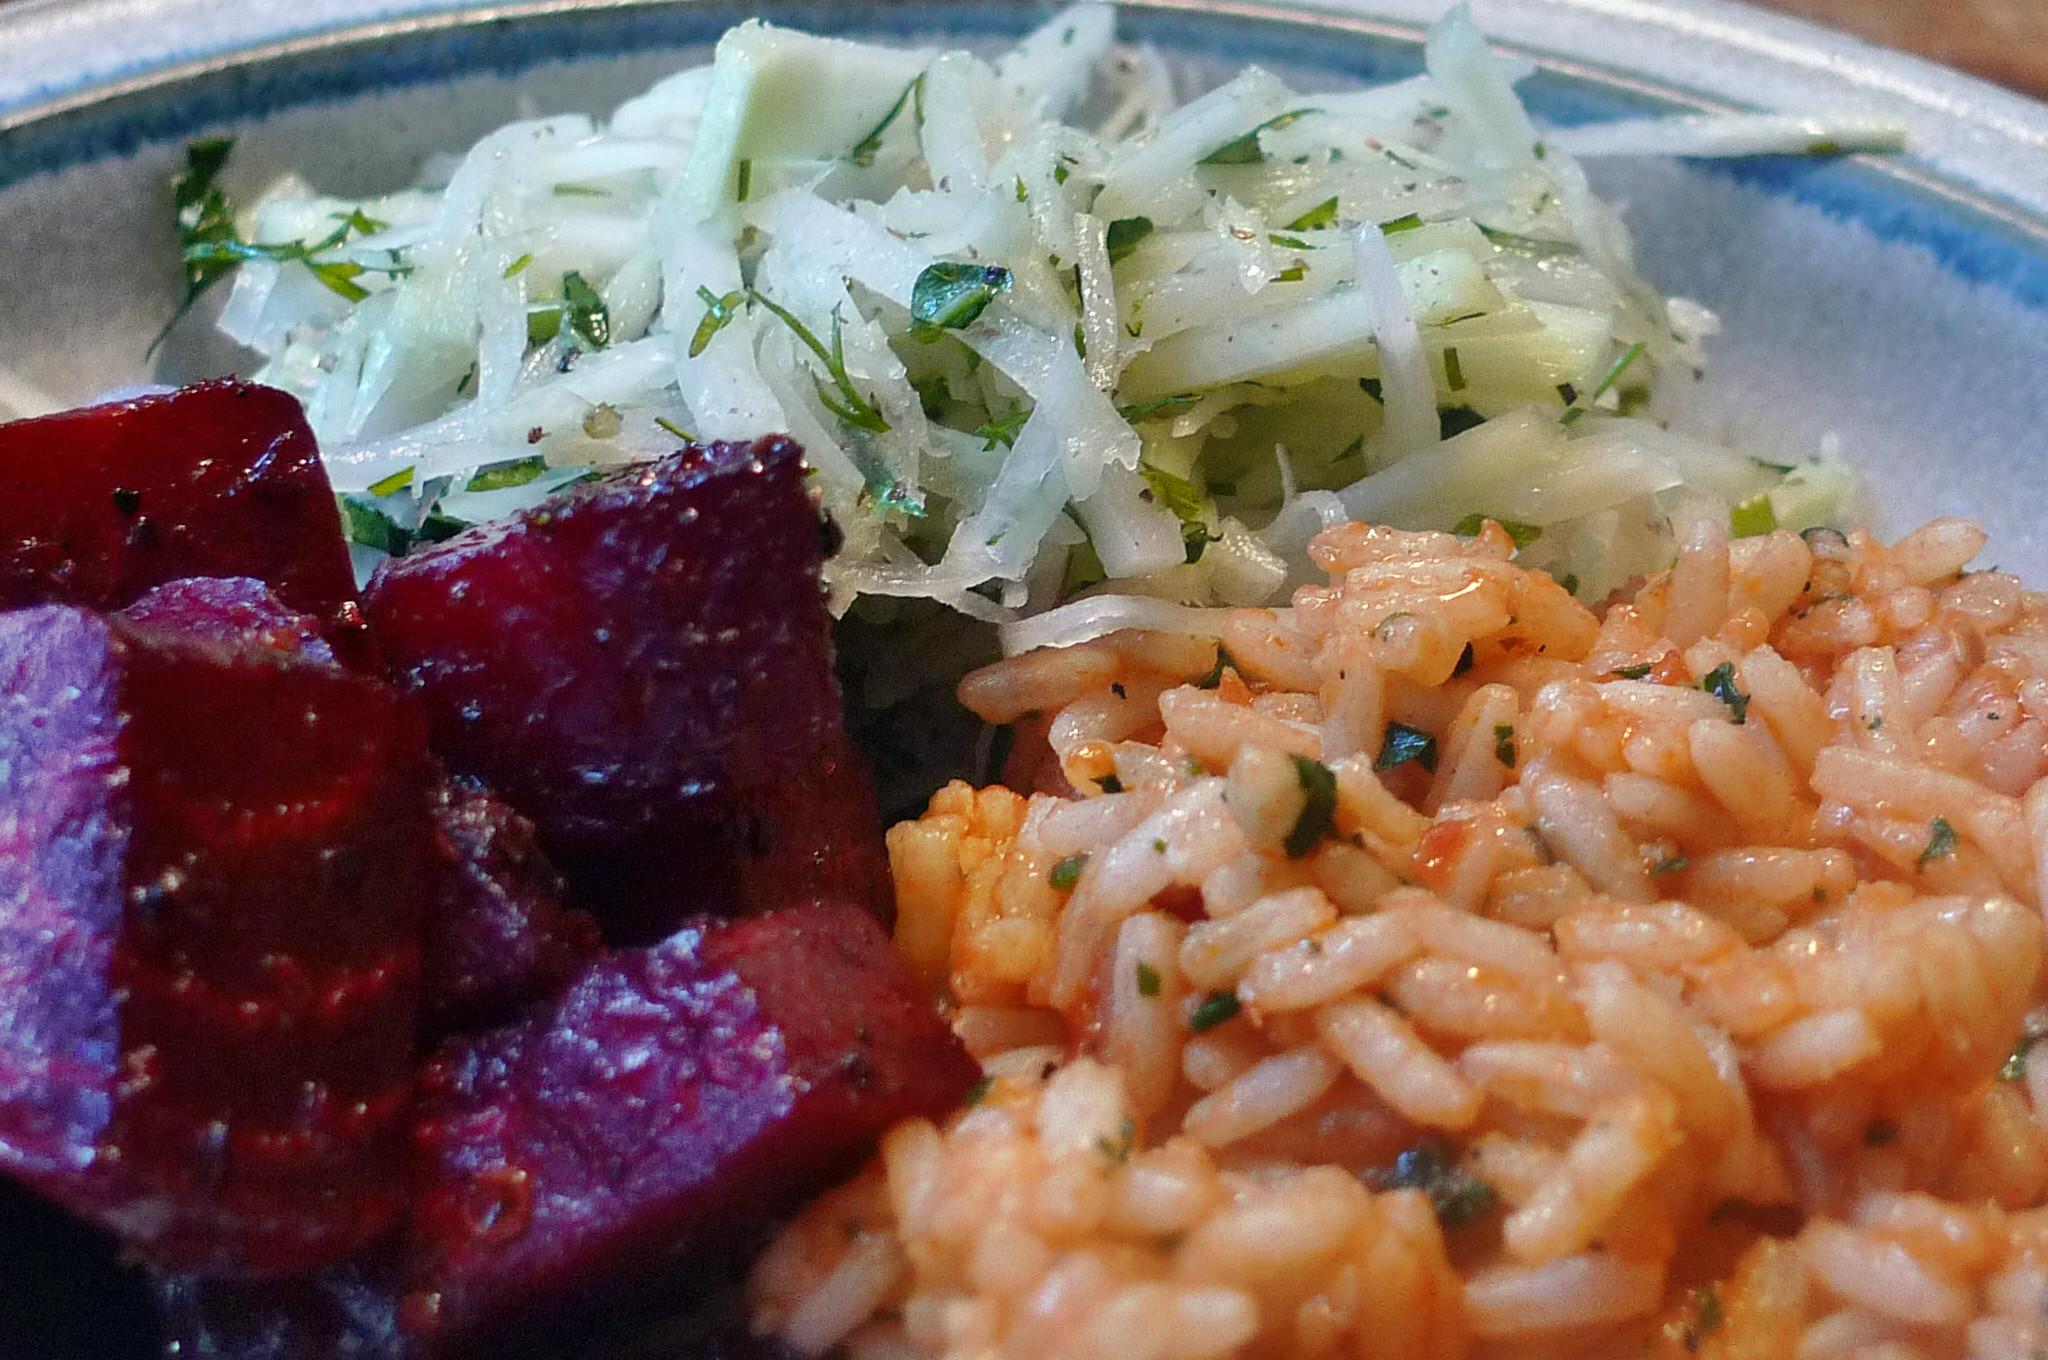 Rote betegemüse,gebratener Reis,Joghurtdip,Kohlrabisalat - 27.3.15   (18)